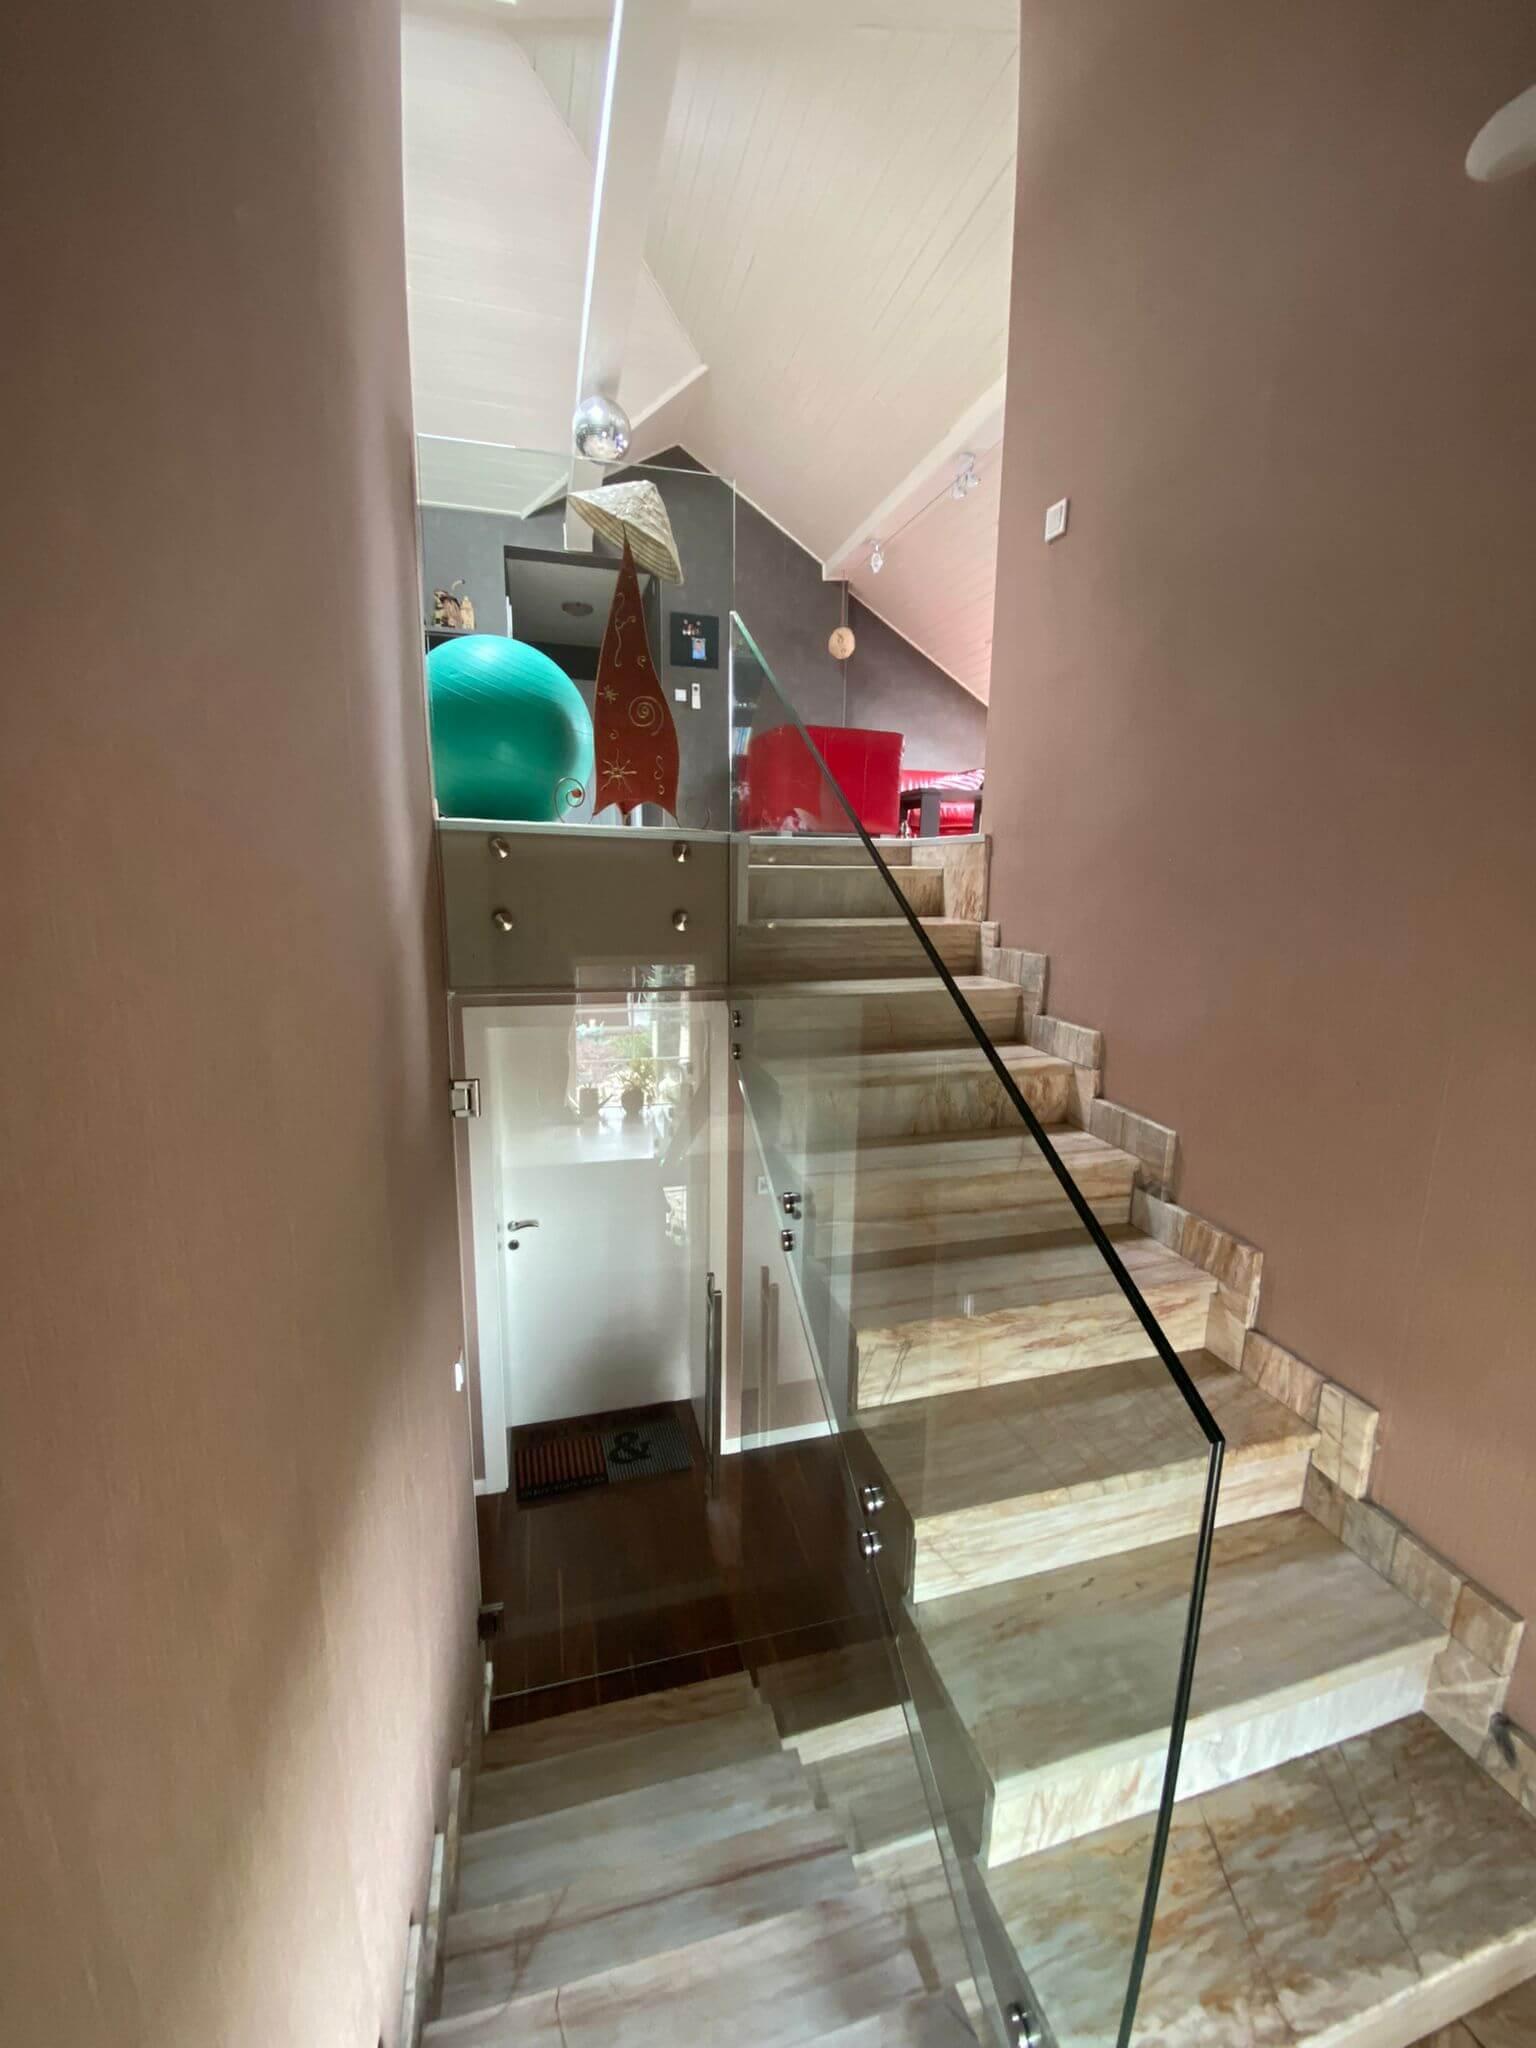 Rodinná Vila 6 izbová, úžitková 650m2, 3 podlažia, pozemok 1008m2, Lučenec – Opatová-53